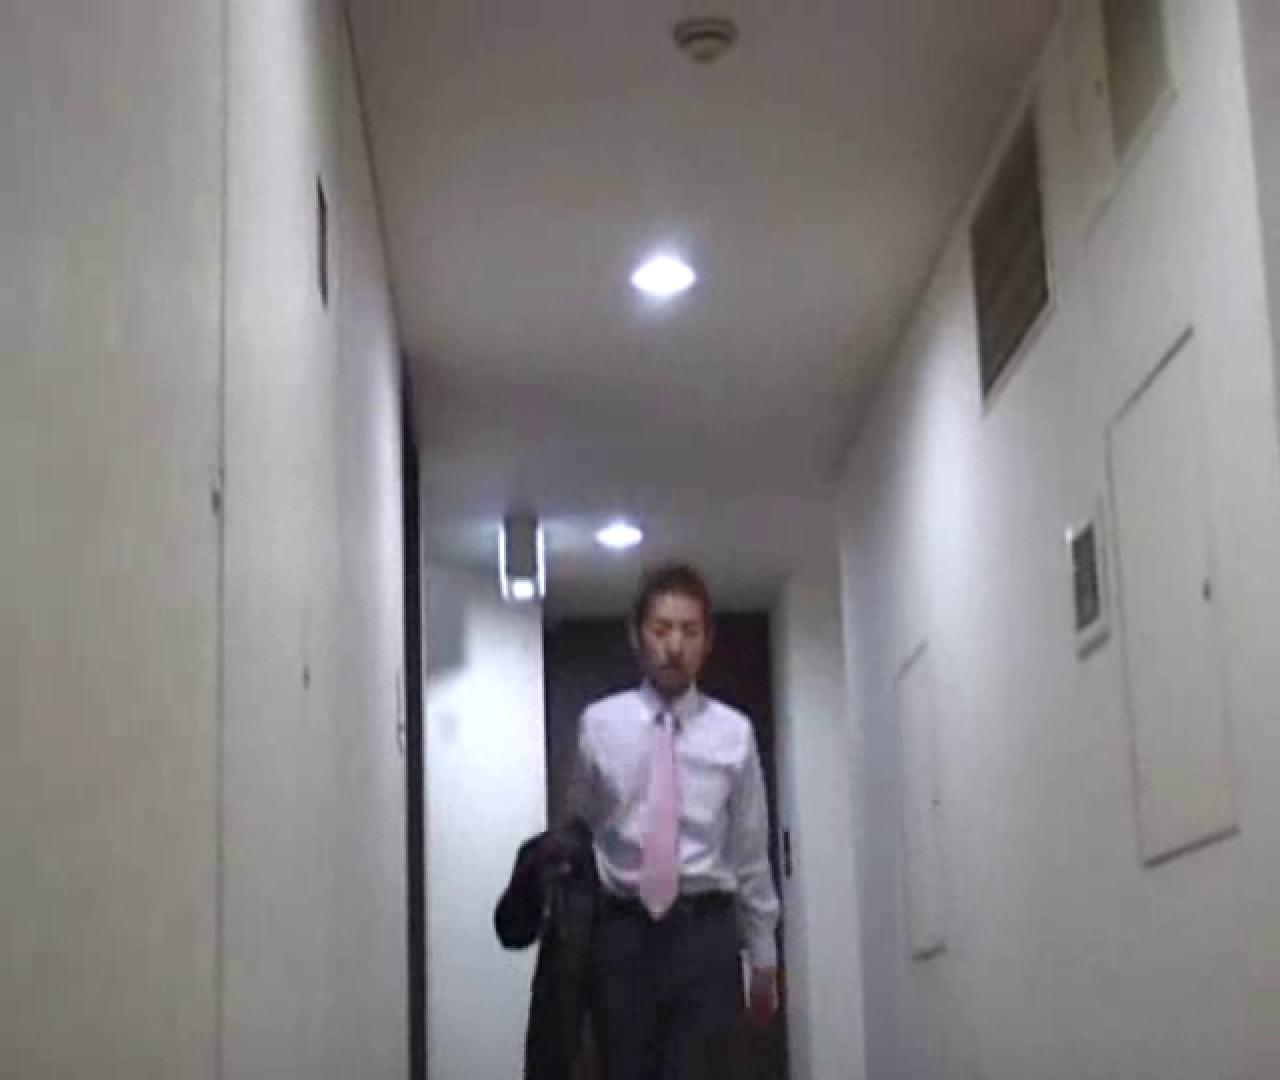 大集合!!カッコ可愛いメンズの一穴入根!!.VOL89 ゲイのオナニー映像 | 男祭り  103枚 29